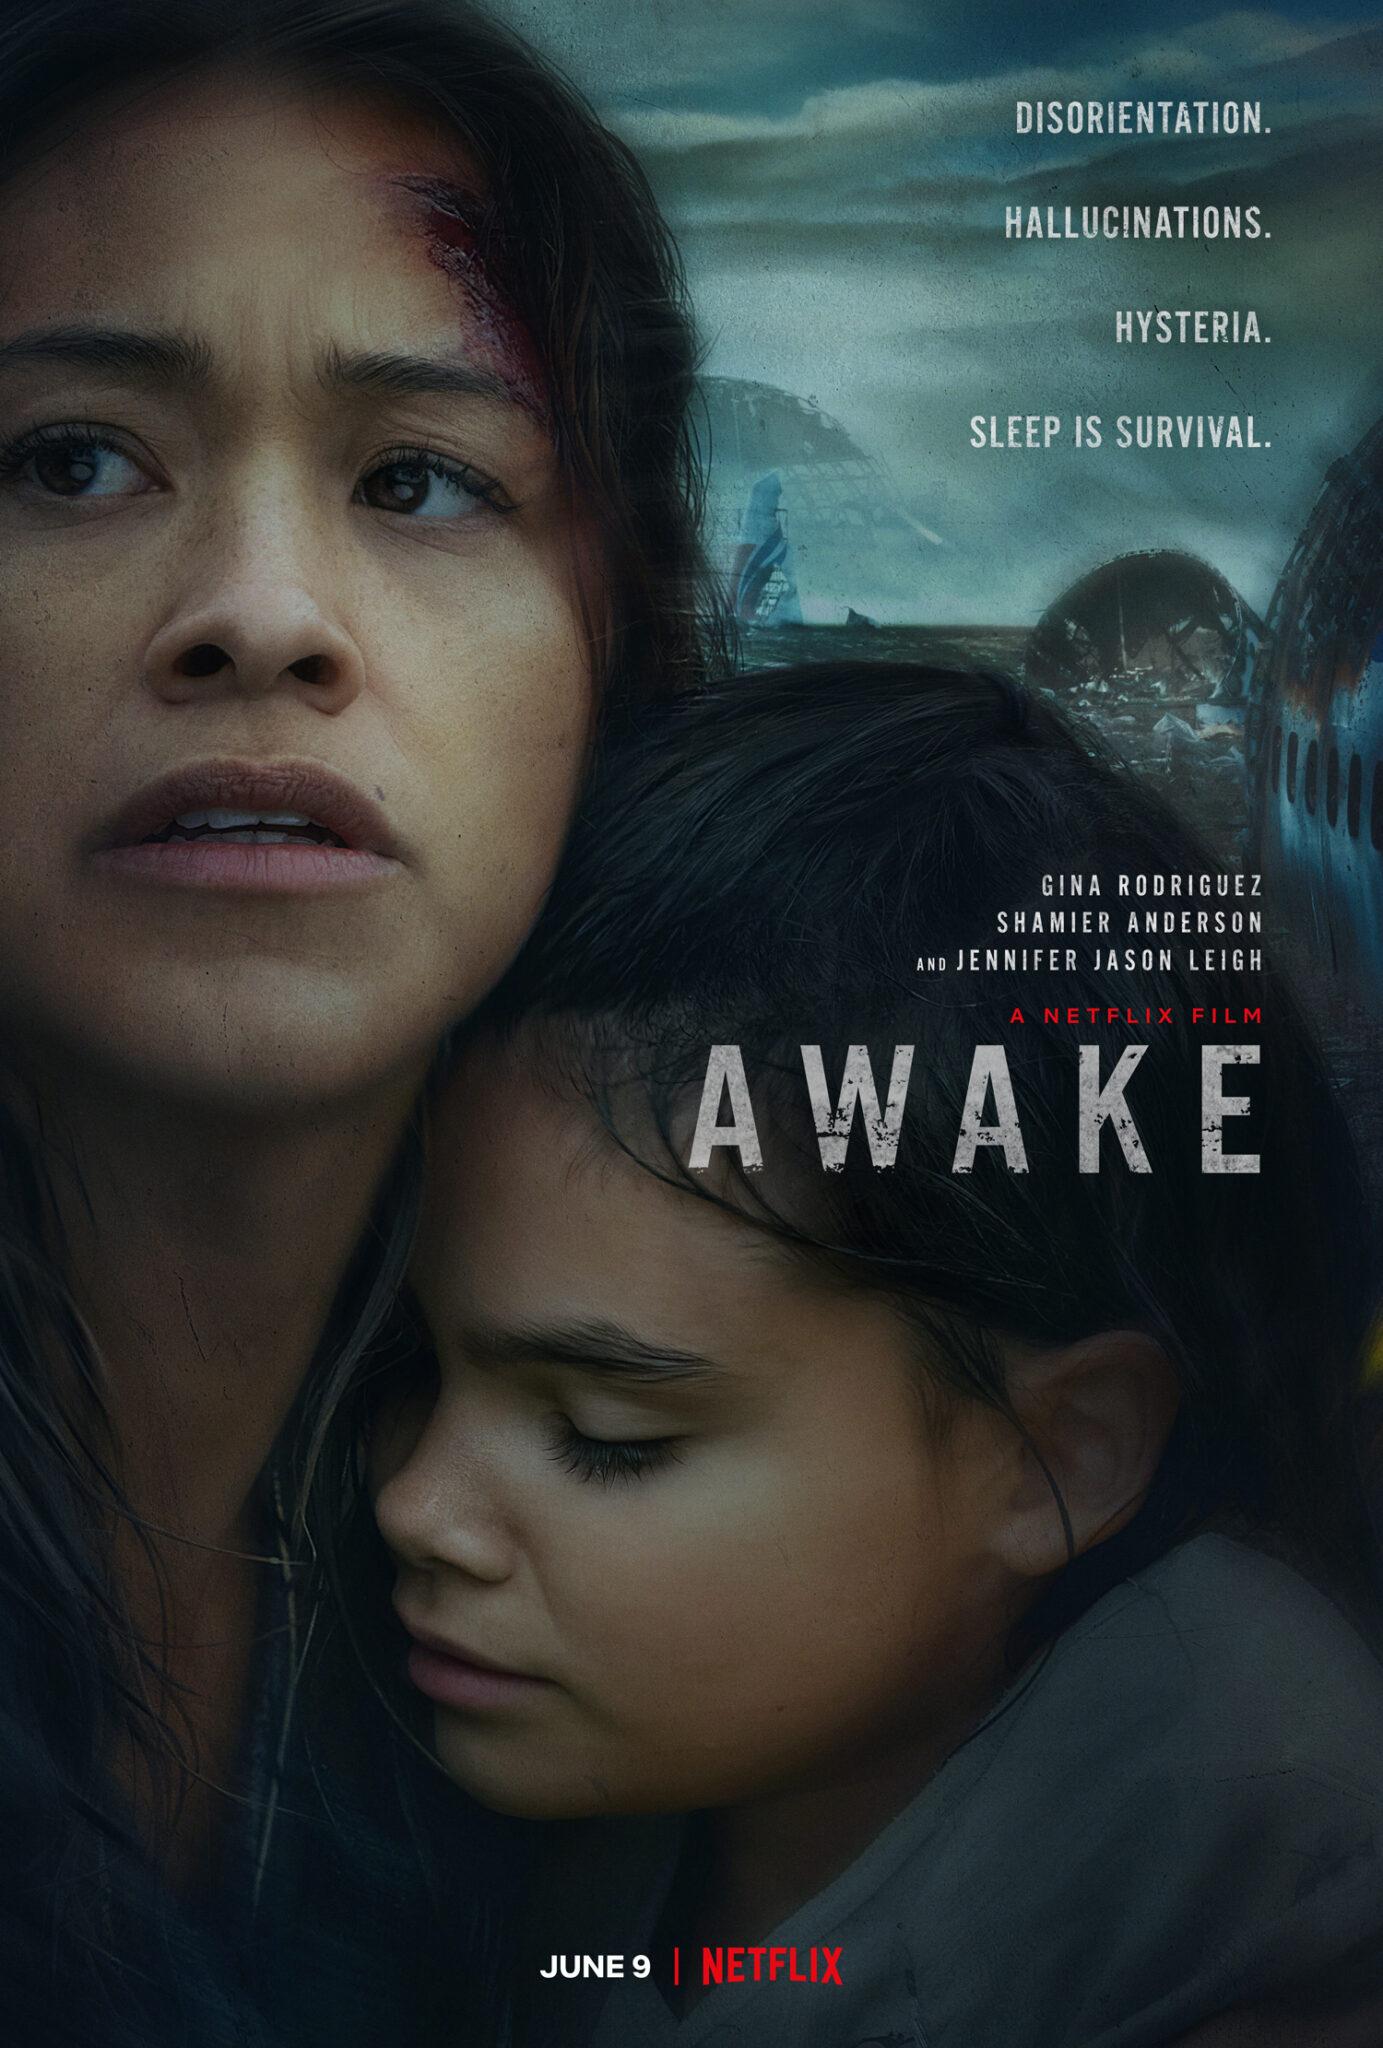 """Das Poster zu Awake zeigt in Großaufnahme Jill (Gina Rodriguez) und ihre Tochter Matilda (Ariana Greenblatt), den Titel, sowie in der rechten oberen Ecke die englischen Begriffe """"Disorientation, Hallucinations, Hysteria, Sleep is Survival""""."""